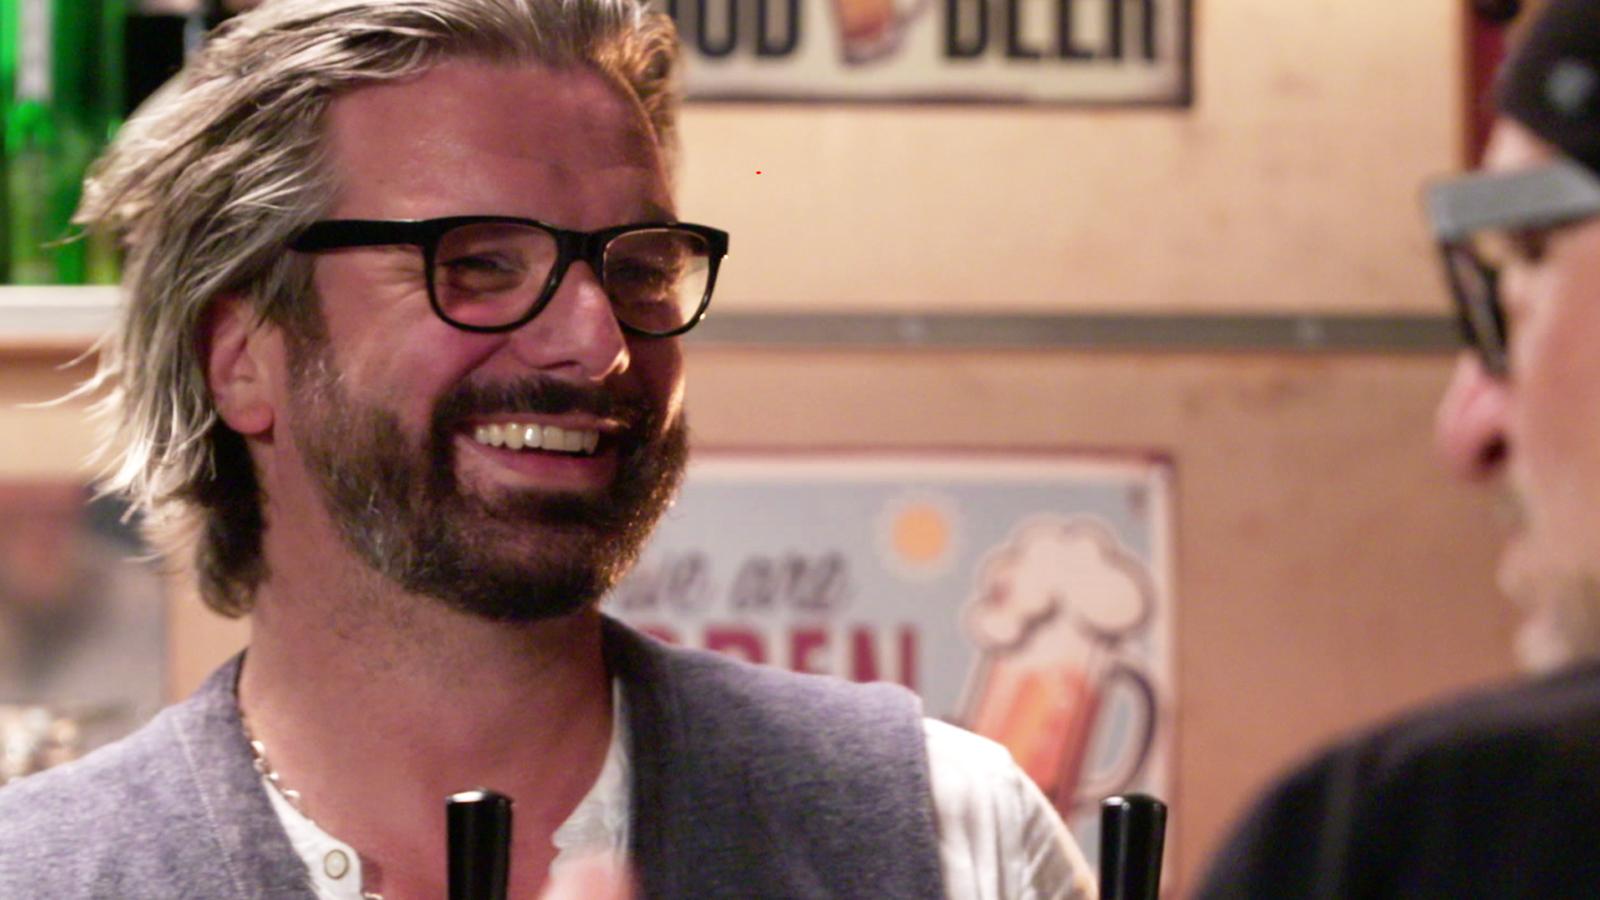 Henning Wehland, Der letzte an der Bar - Episode 01: Drop in